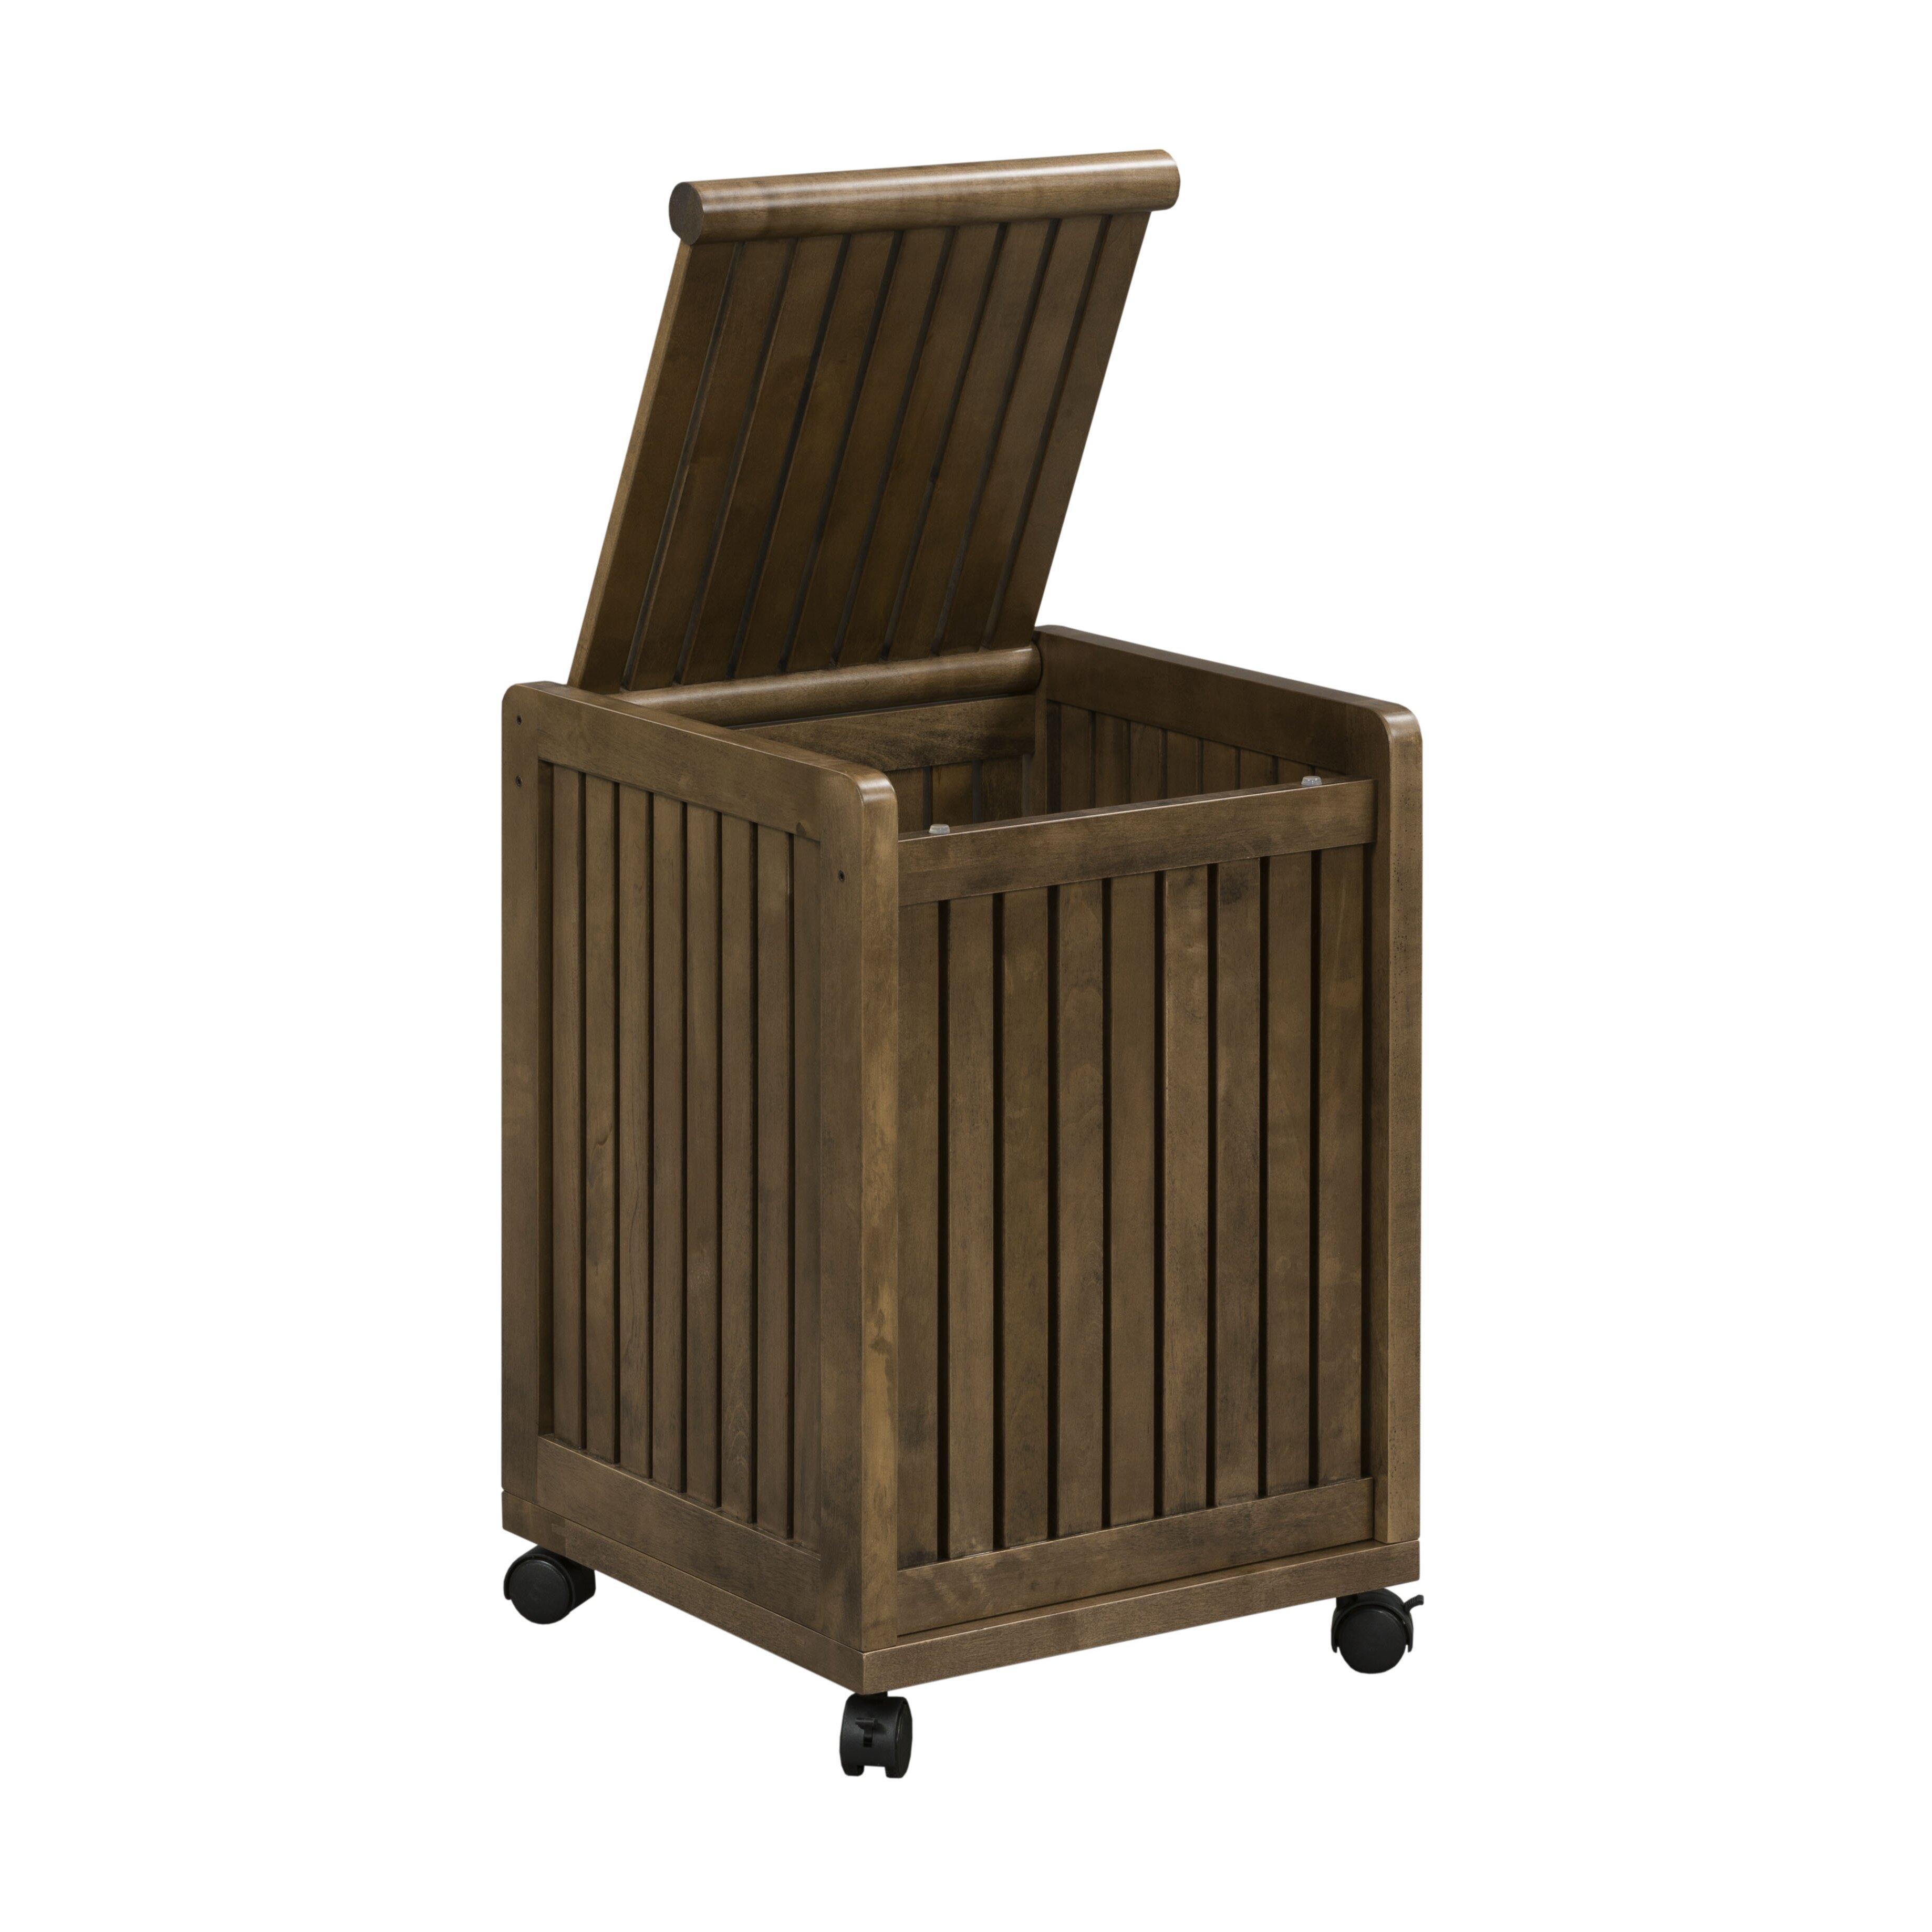 New ridge home goods abingdon mobile laundry hamper for Home goods mobile